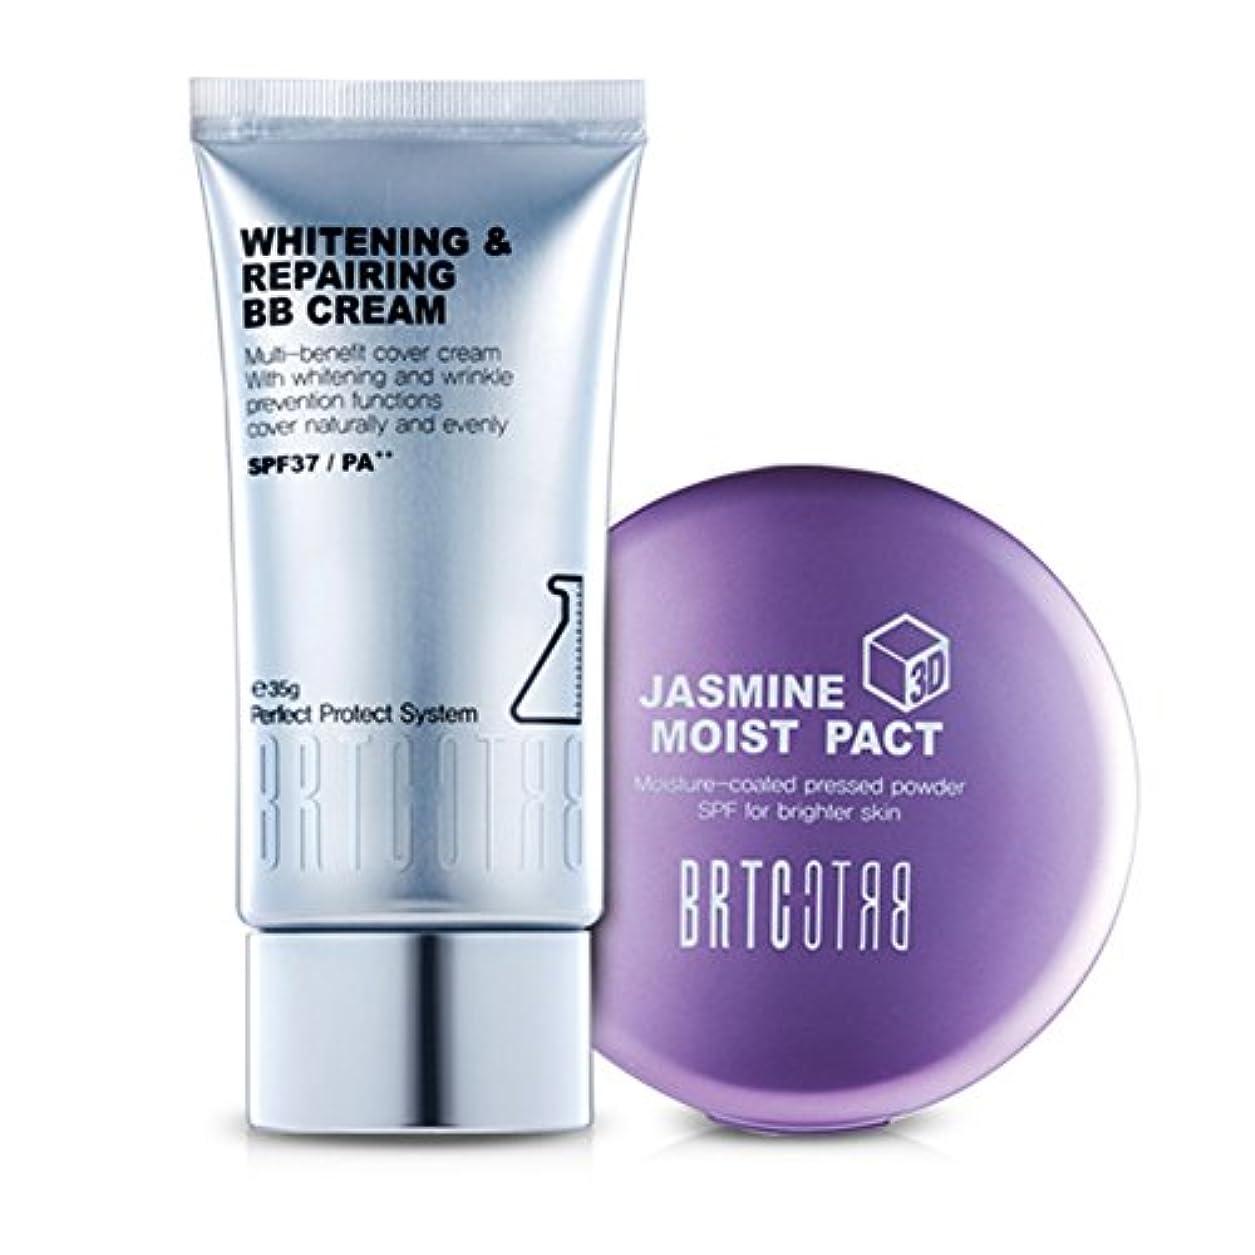 突き出す精神的に帝国主義【BRTC/非アルティ時】Whitening&Moisture Make Up Setホワイトニングビビ水分ファクト35g 13g[BB Cream+ Moist Pact Set](海外直送品)